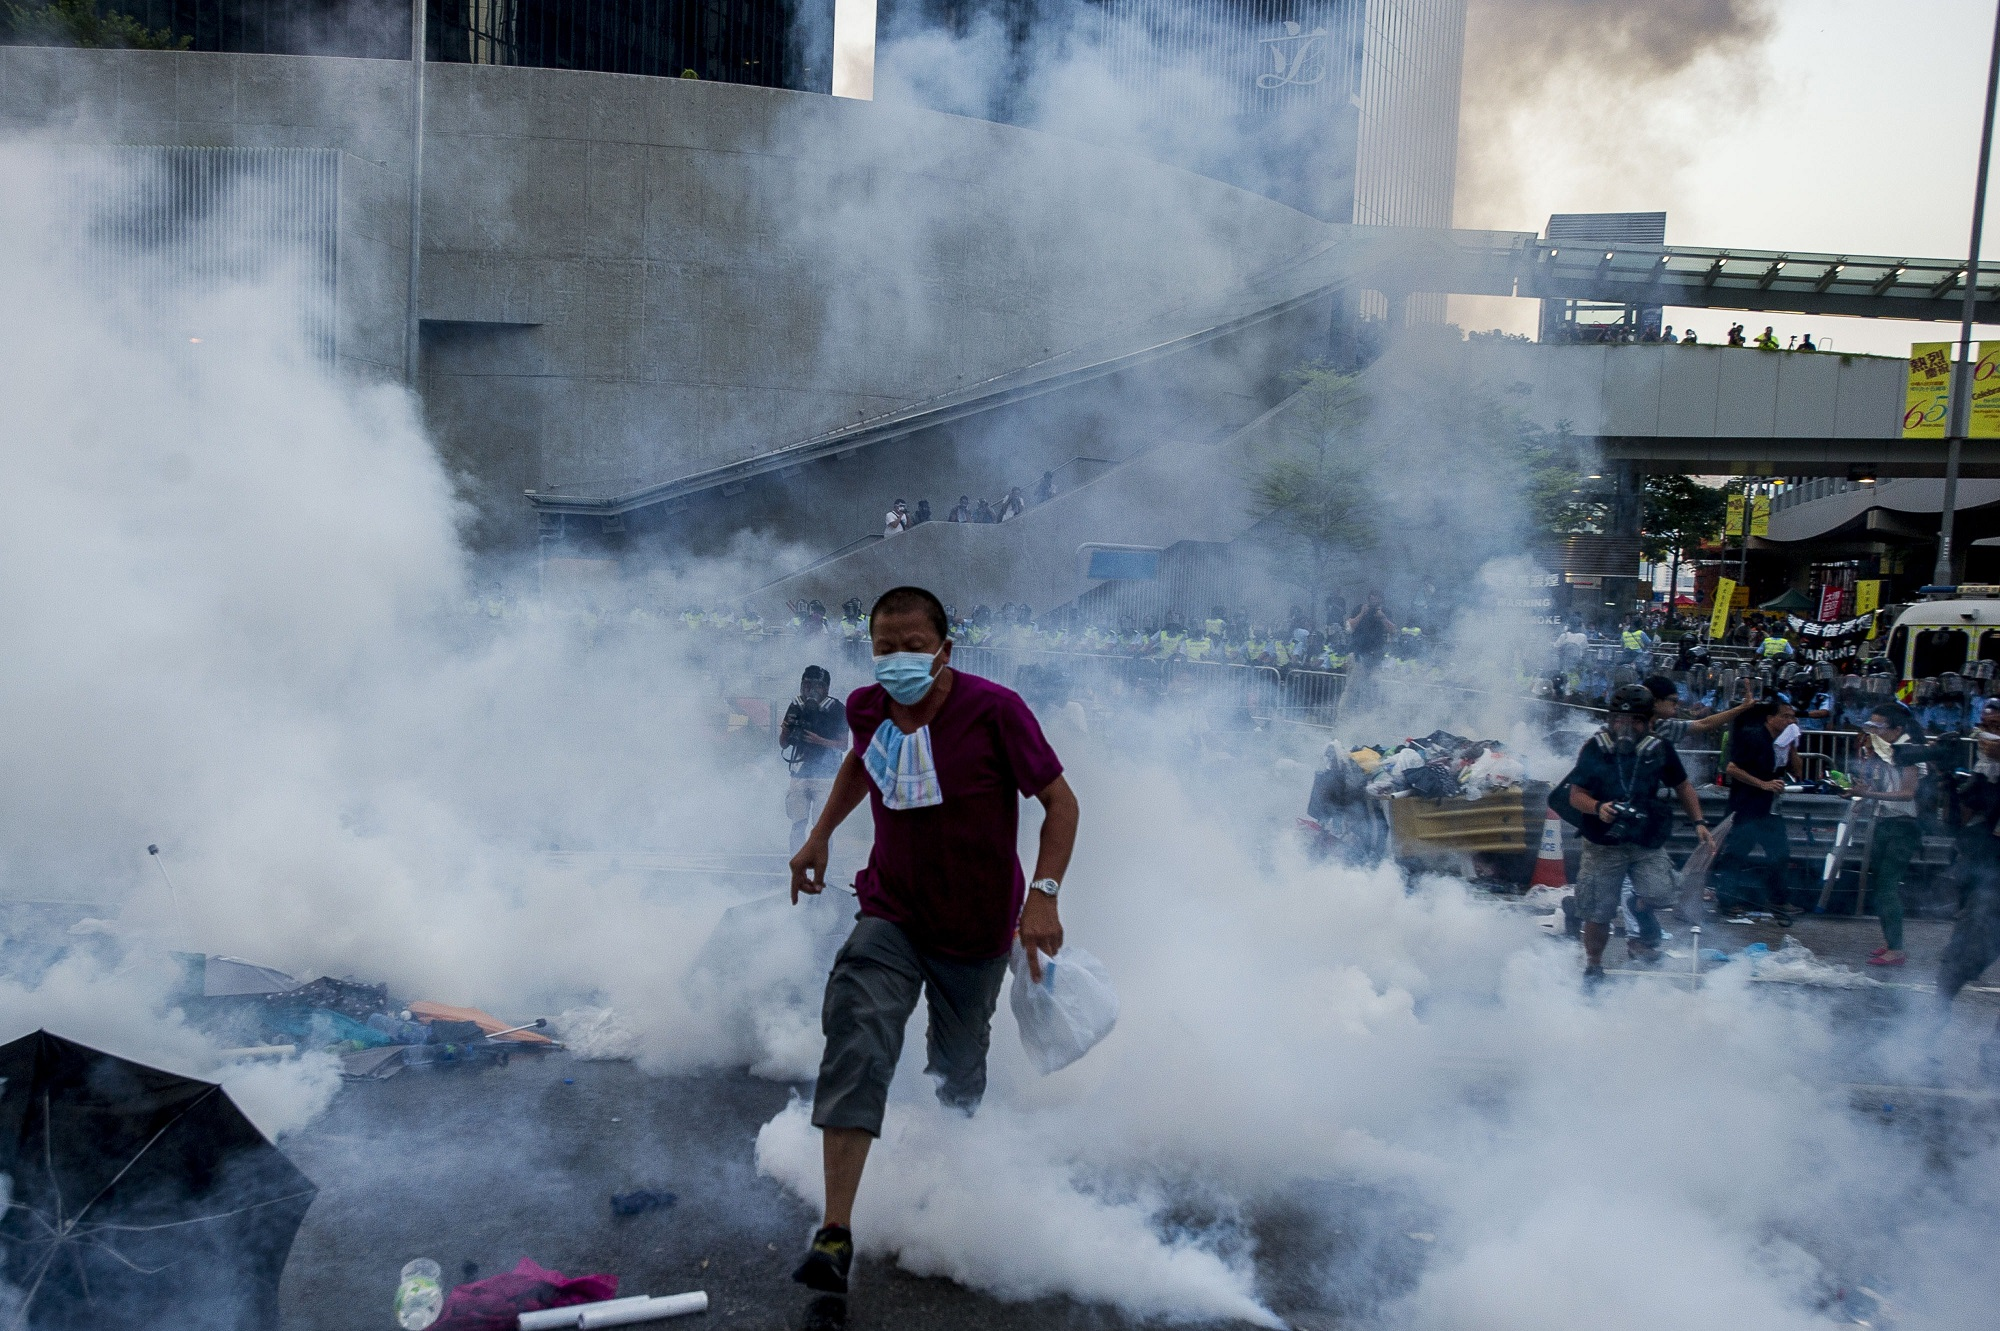 香港佔中五週年:從雨傘運動的「和理非」到「反送中」的「勇武」 - BBC News 中文